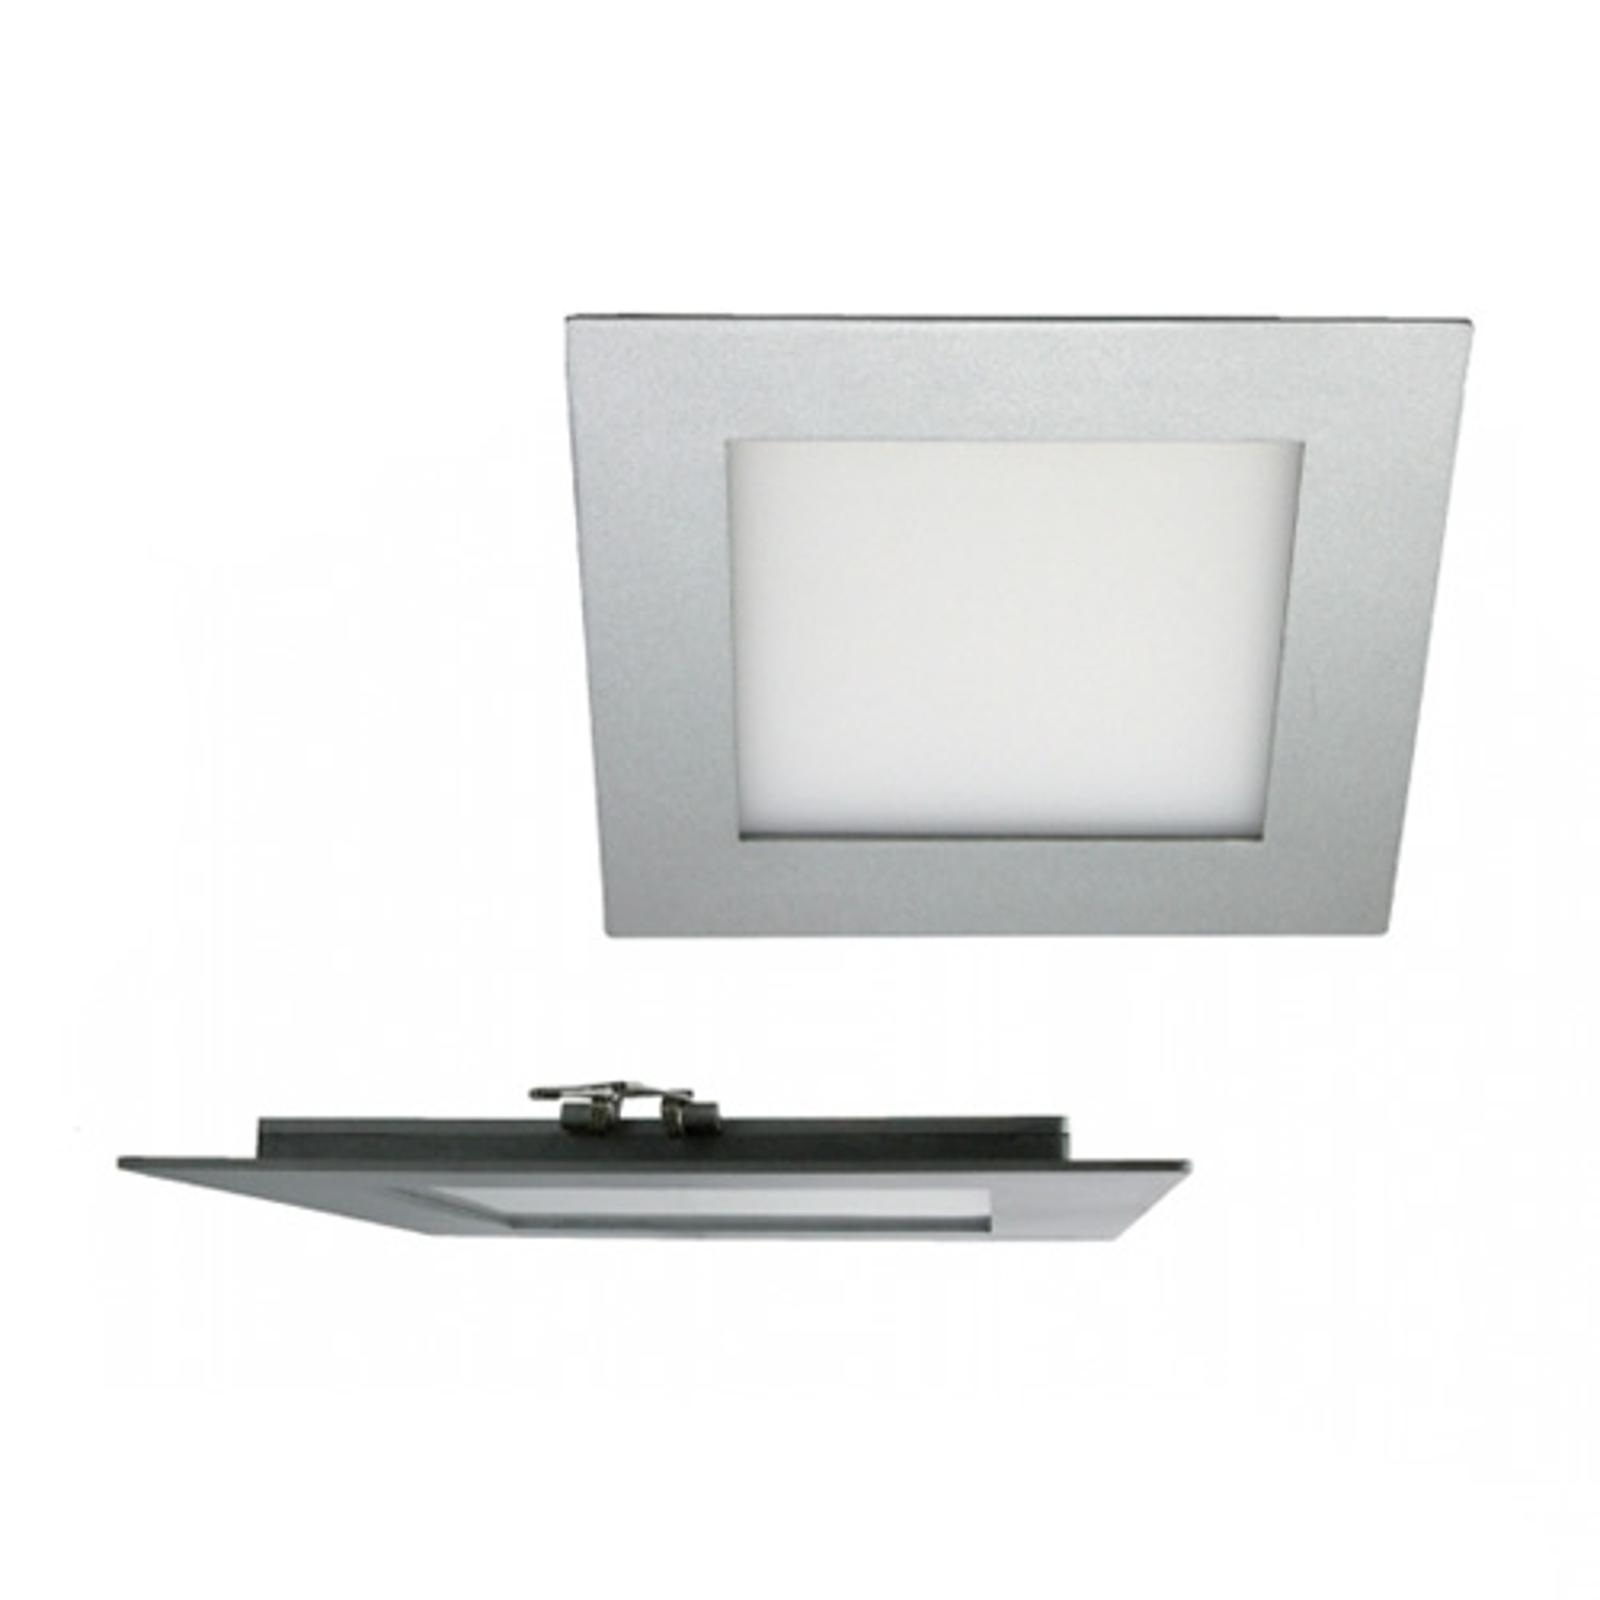 Pannello LED Lübeck a basso consumo, bianco caldo